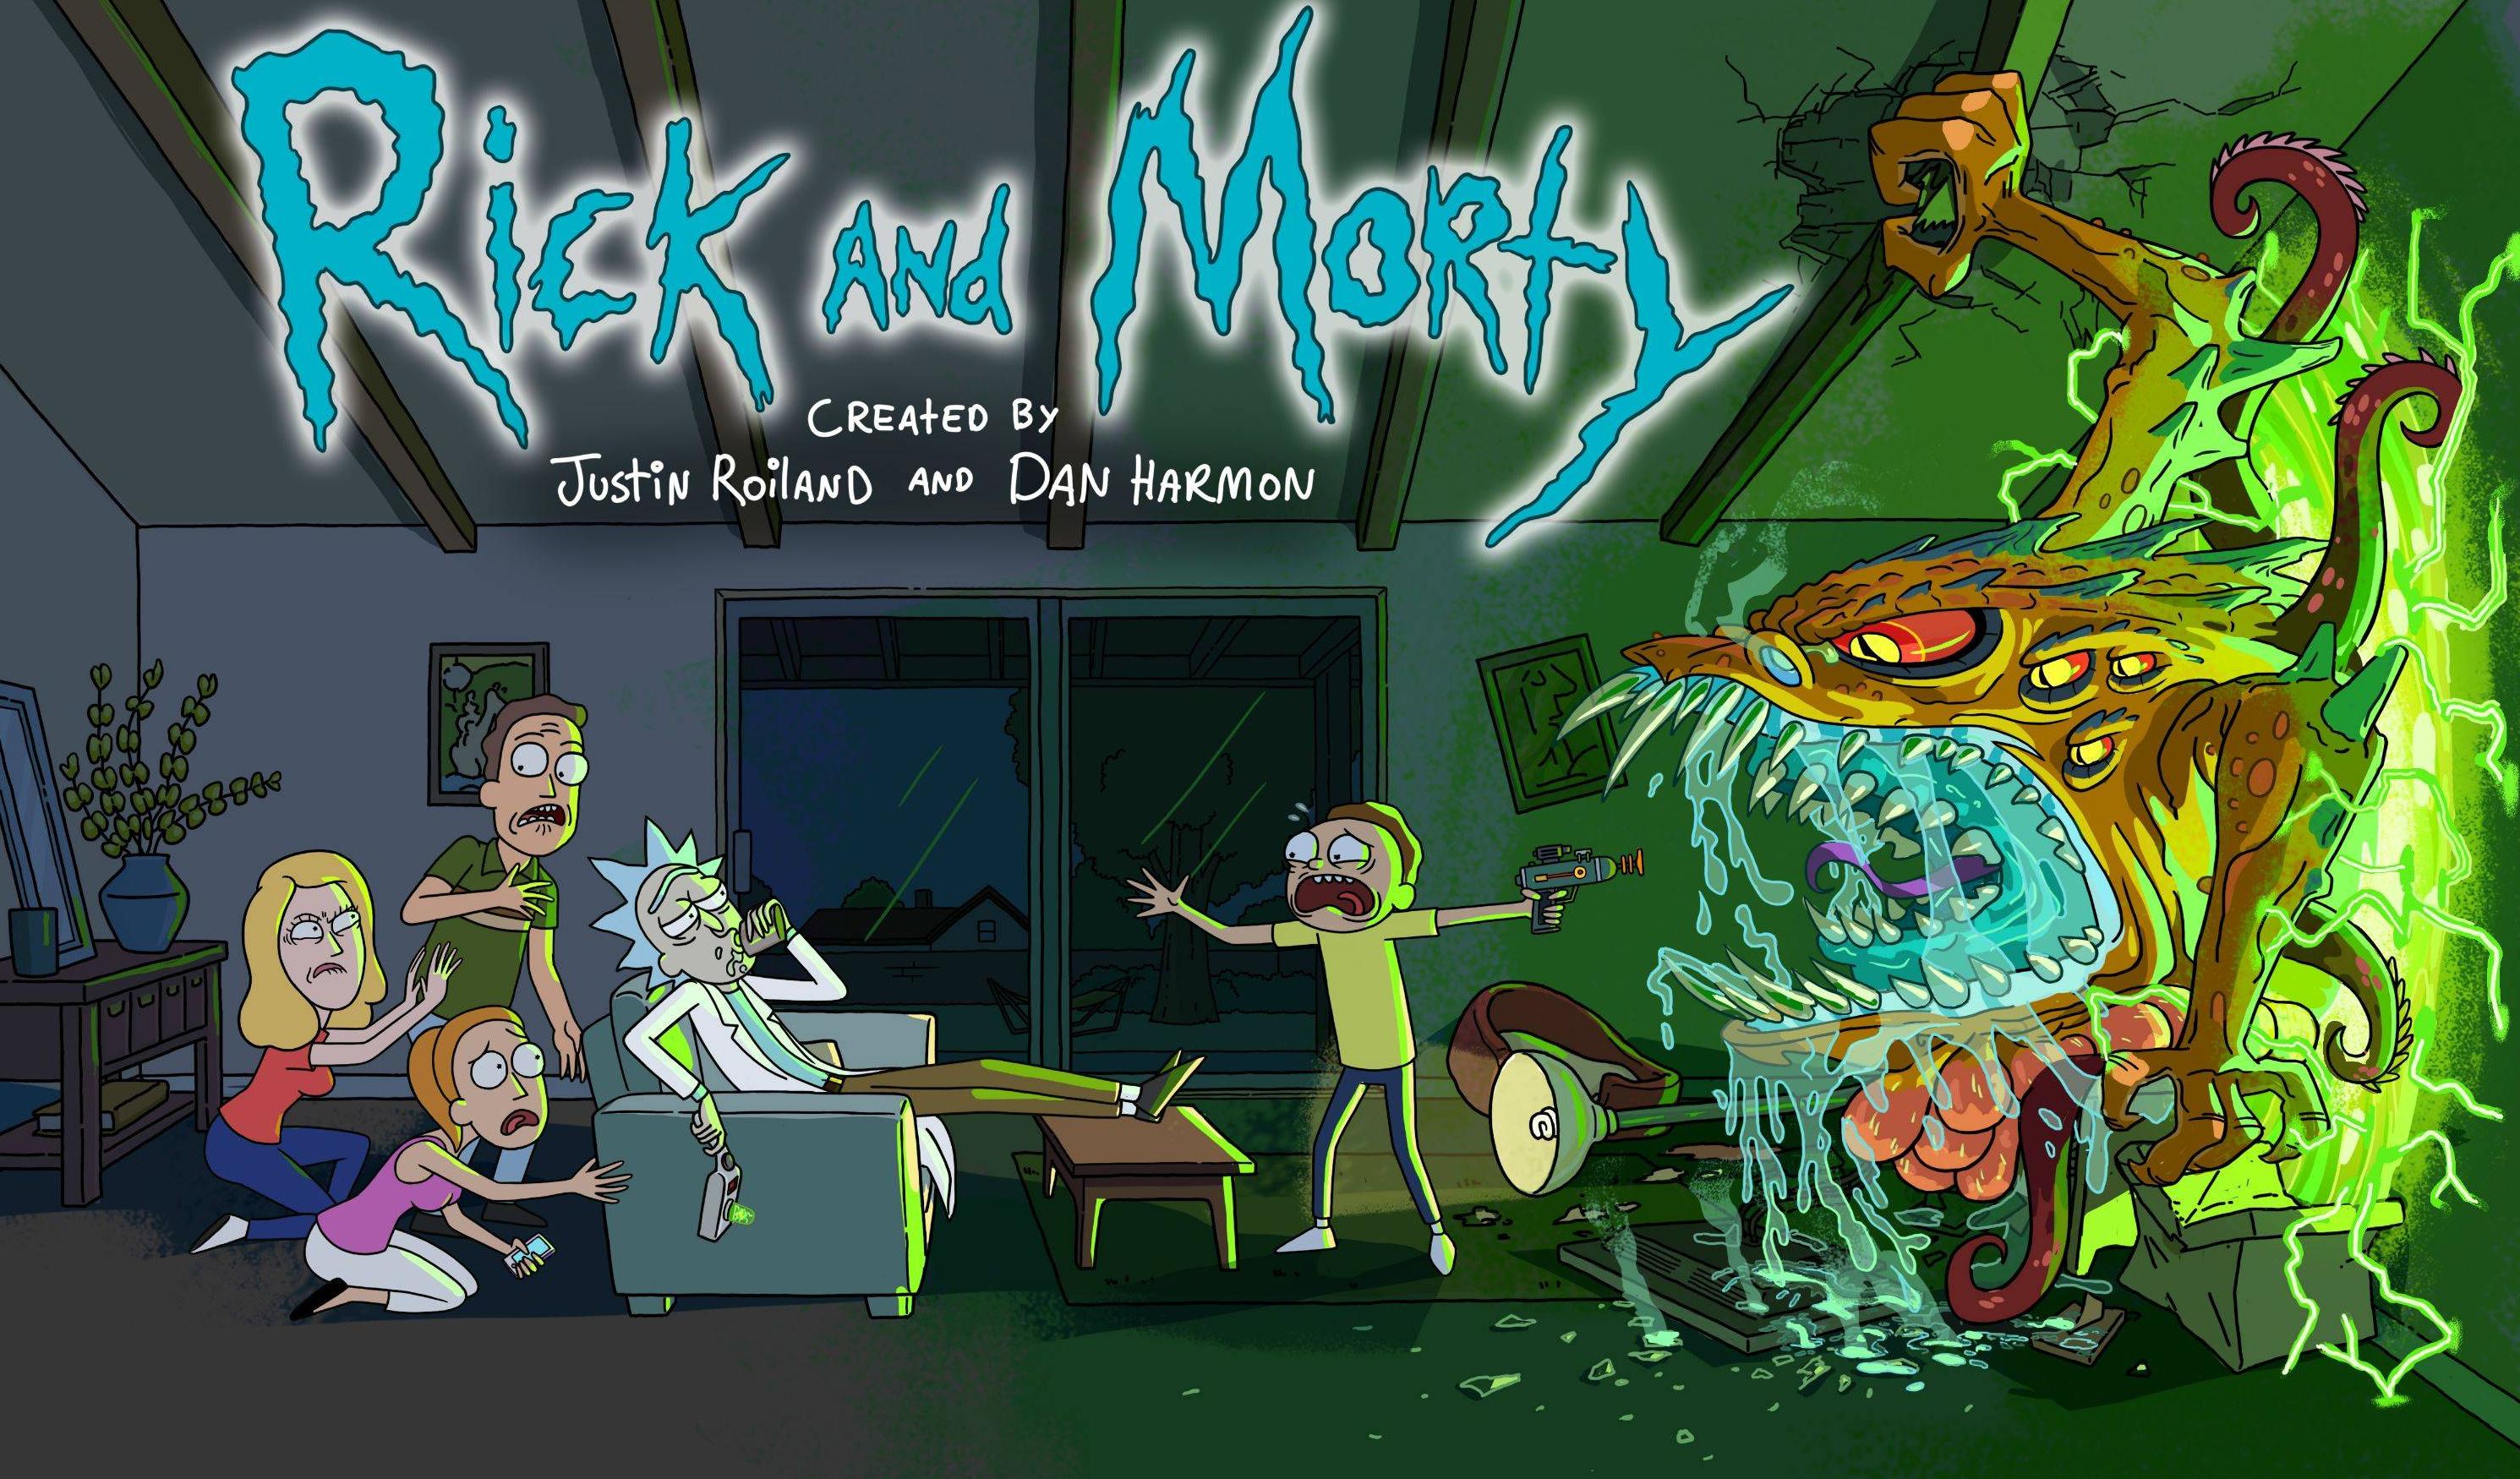 معرفی انیمیشن Rick and Morty